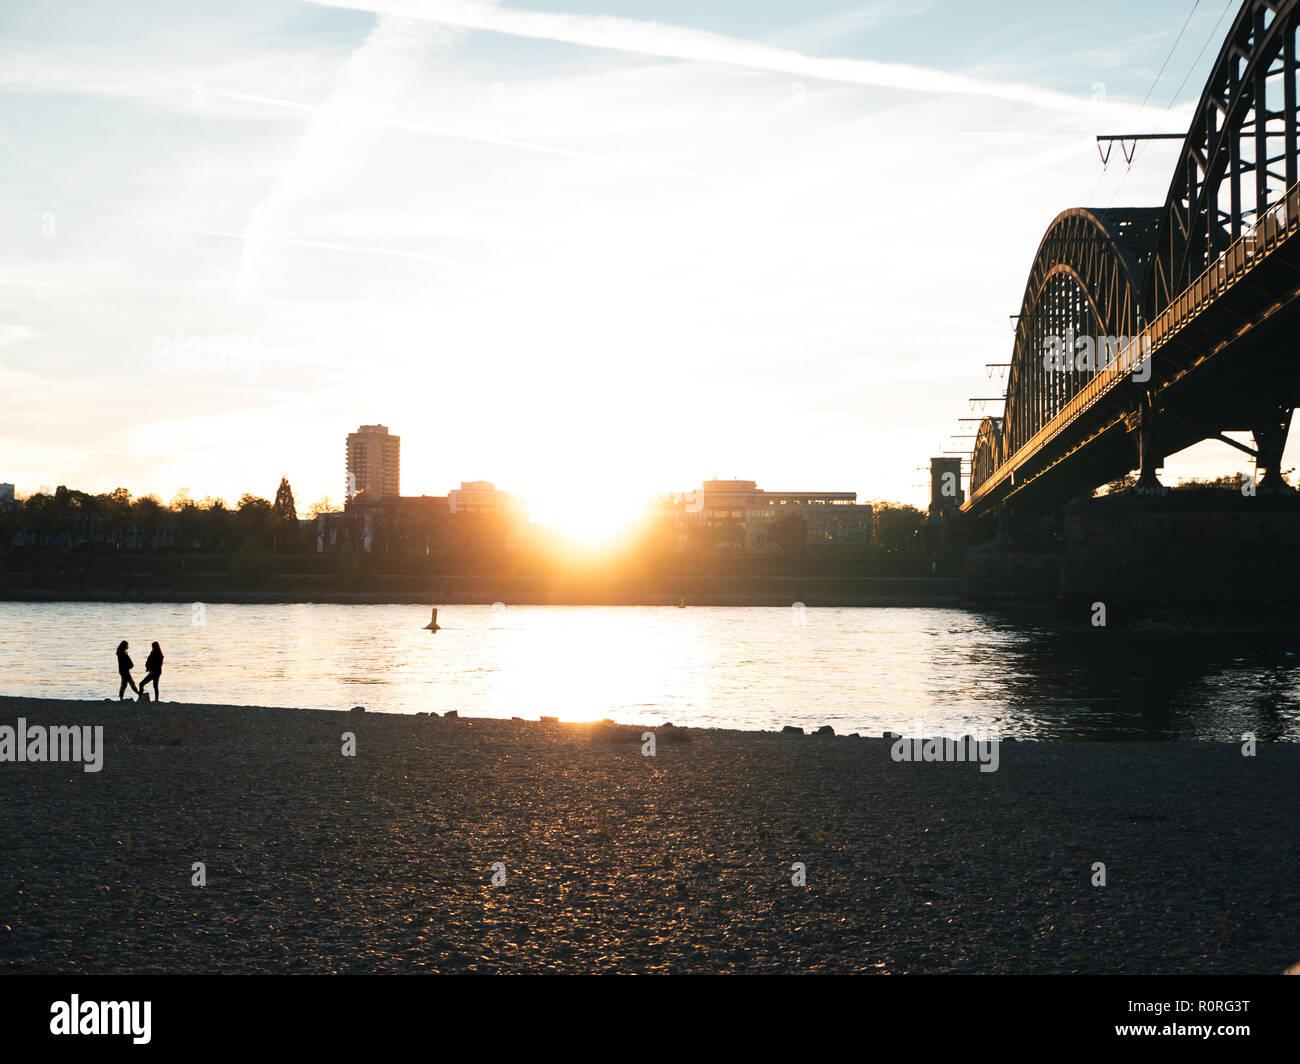 Brücke über den Rhein in Köln bei Sonnenuntergang mit zwei Silhouetten der Frau sprechen Stockfoto